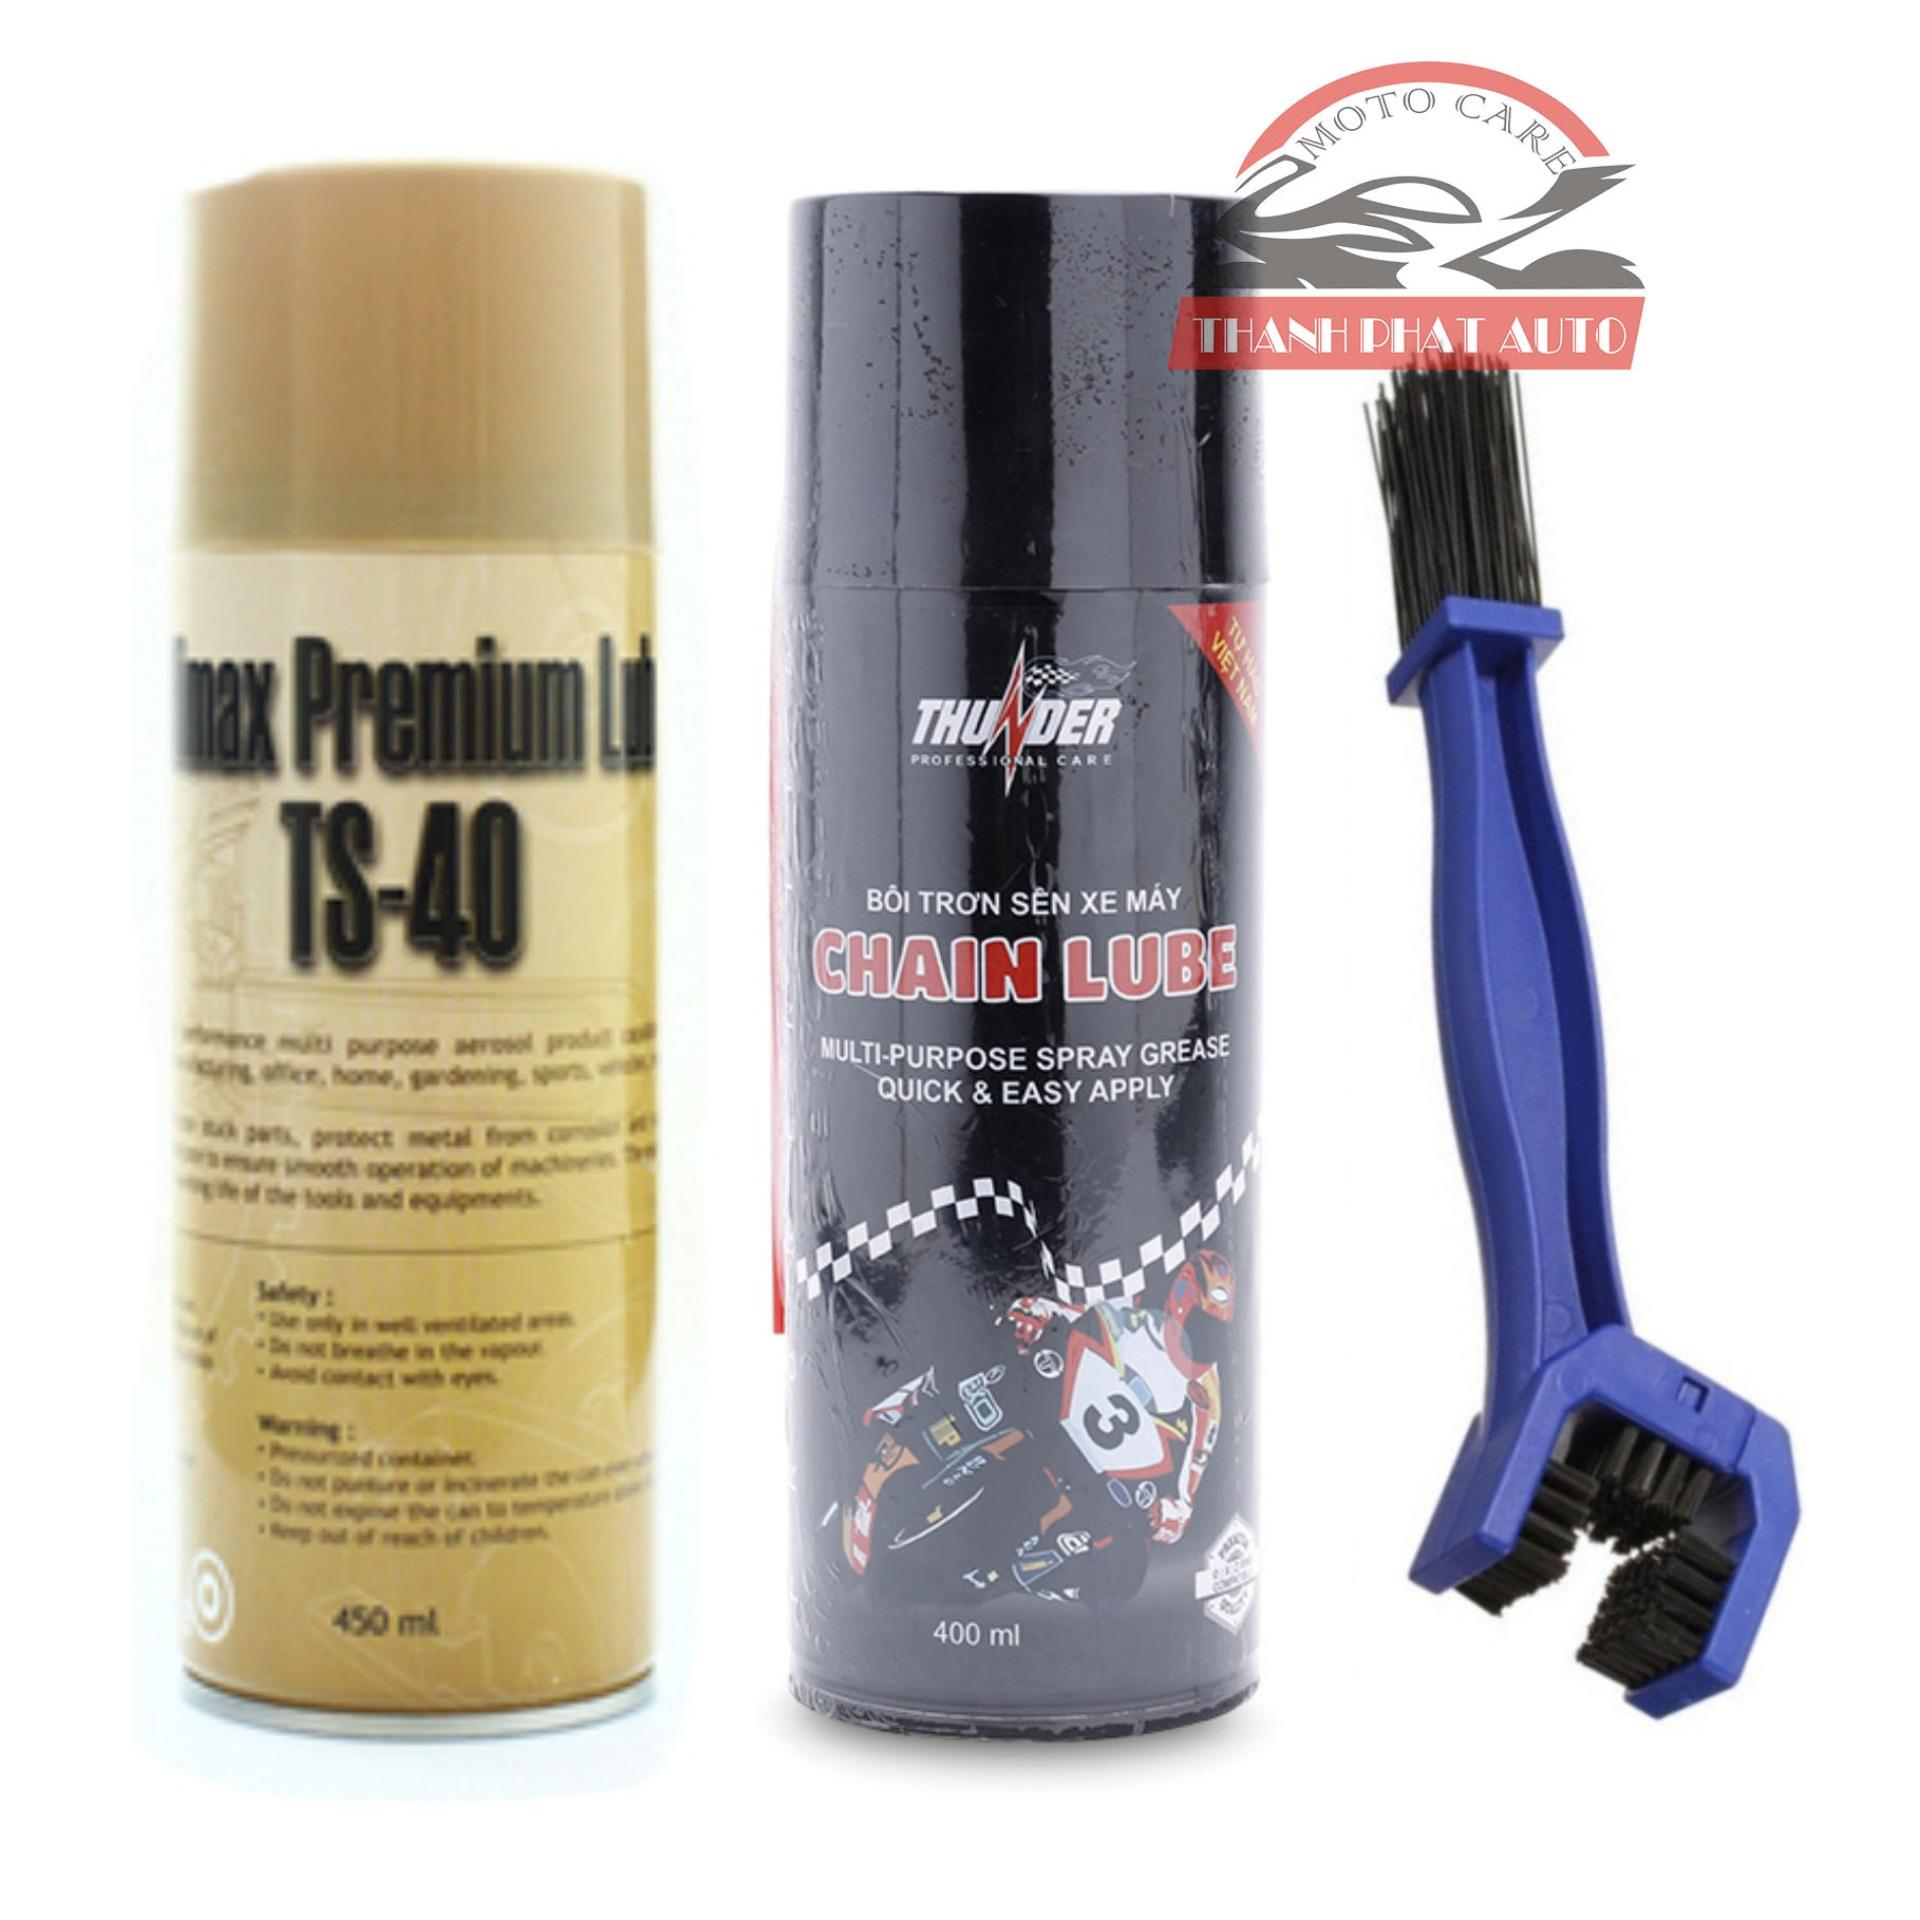 Chai xịt vệ sinh sên xe máy / mô tô TS-40 450ml chai xịt bôi trơn dưỡng sên Thunder Chain Lube 400ml và bàn chải vệ sinh sên chuyên nghiệp 3D